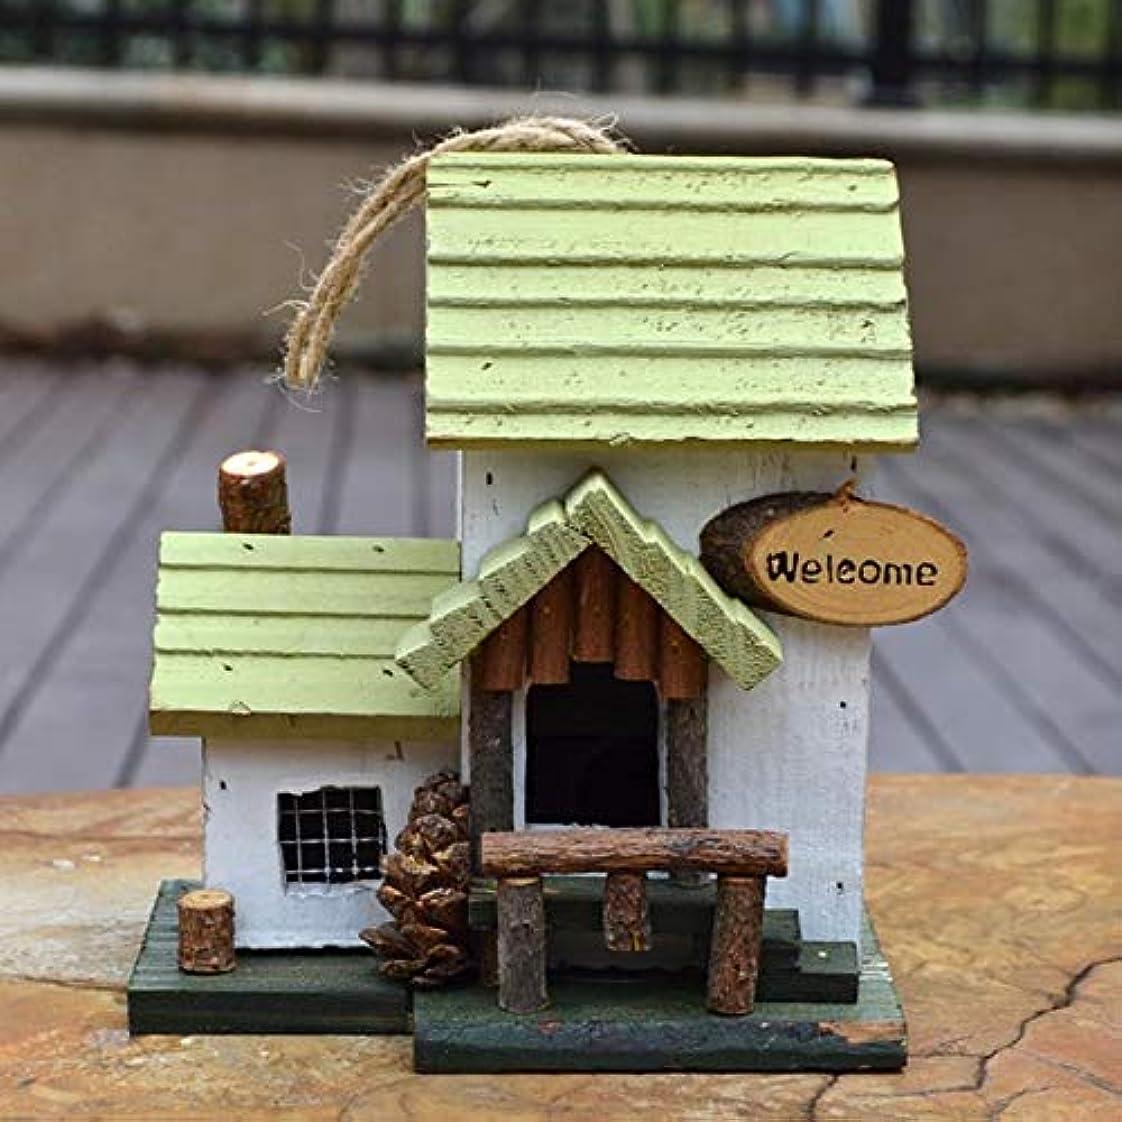 知恵減らすコーデリア巣箱 ガーデンユニークなノベルティ鳥の巣箱庭の装飾バードホテルキャビンのための木製ハンギングバードハウス バードホテル (Color : White, Size : 17x15x19CM)